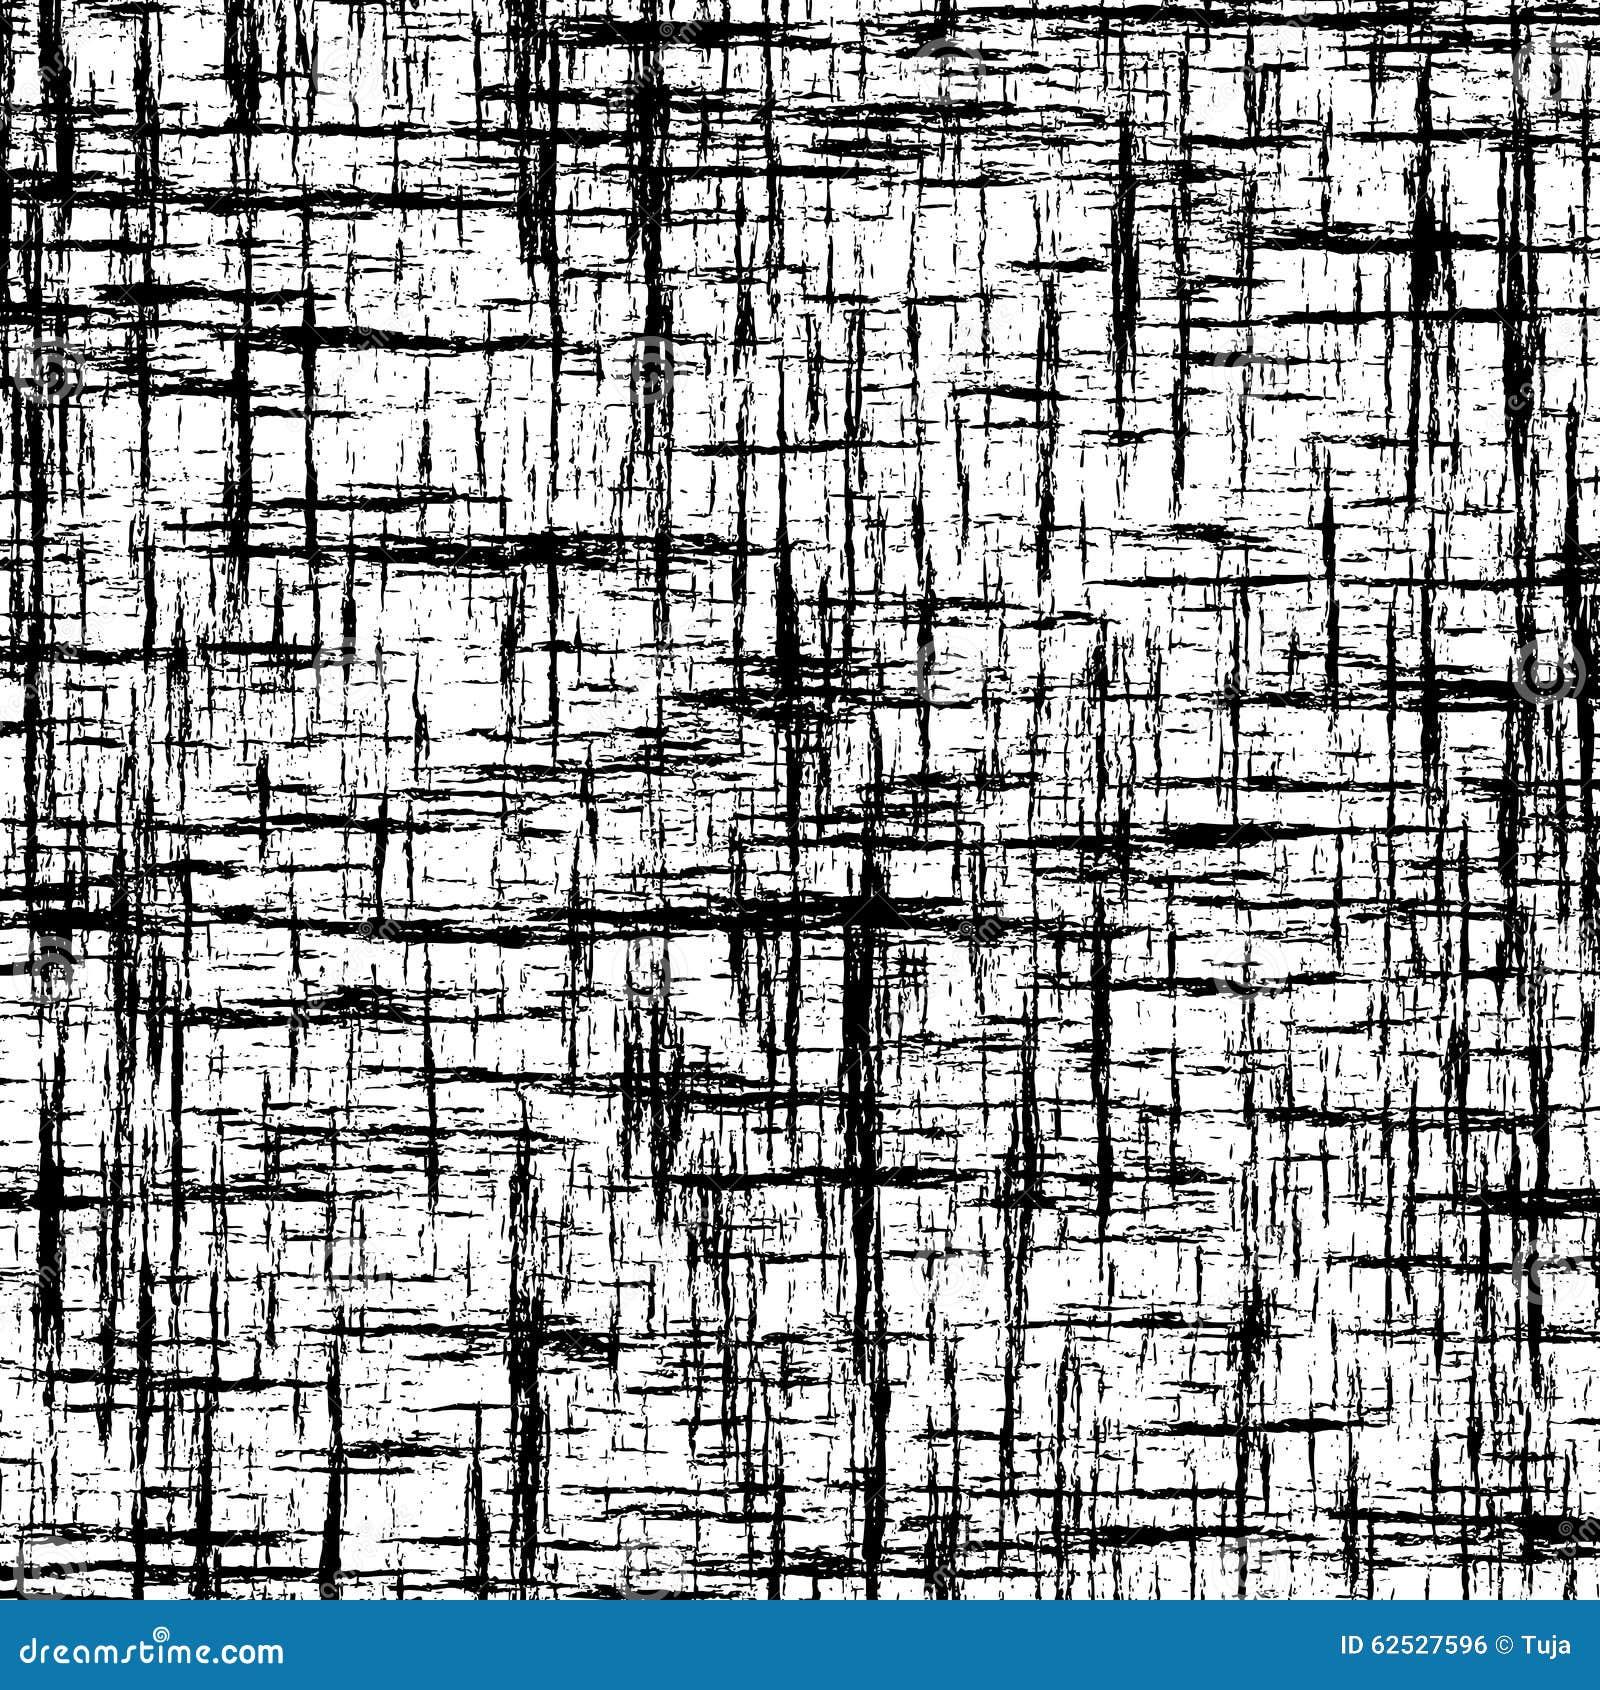 与相交的难看的东西条纹的黑白抽象背景